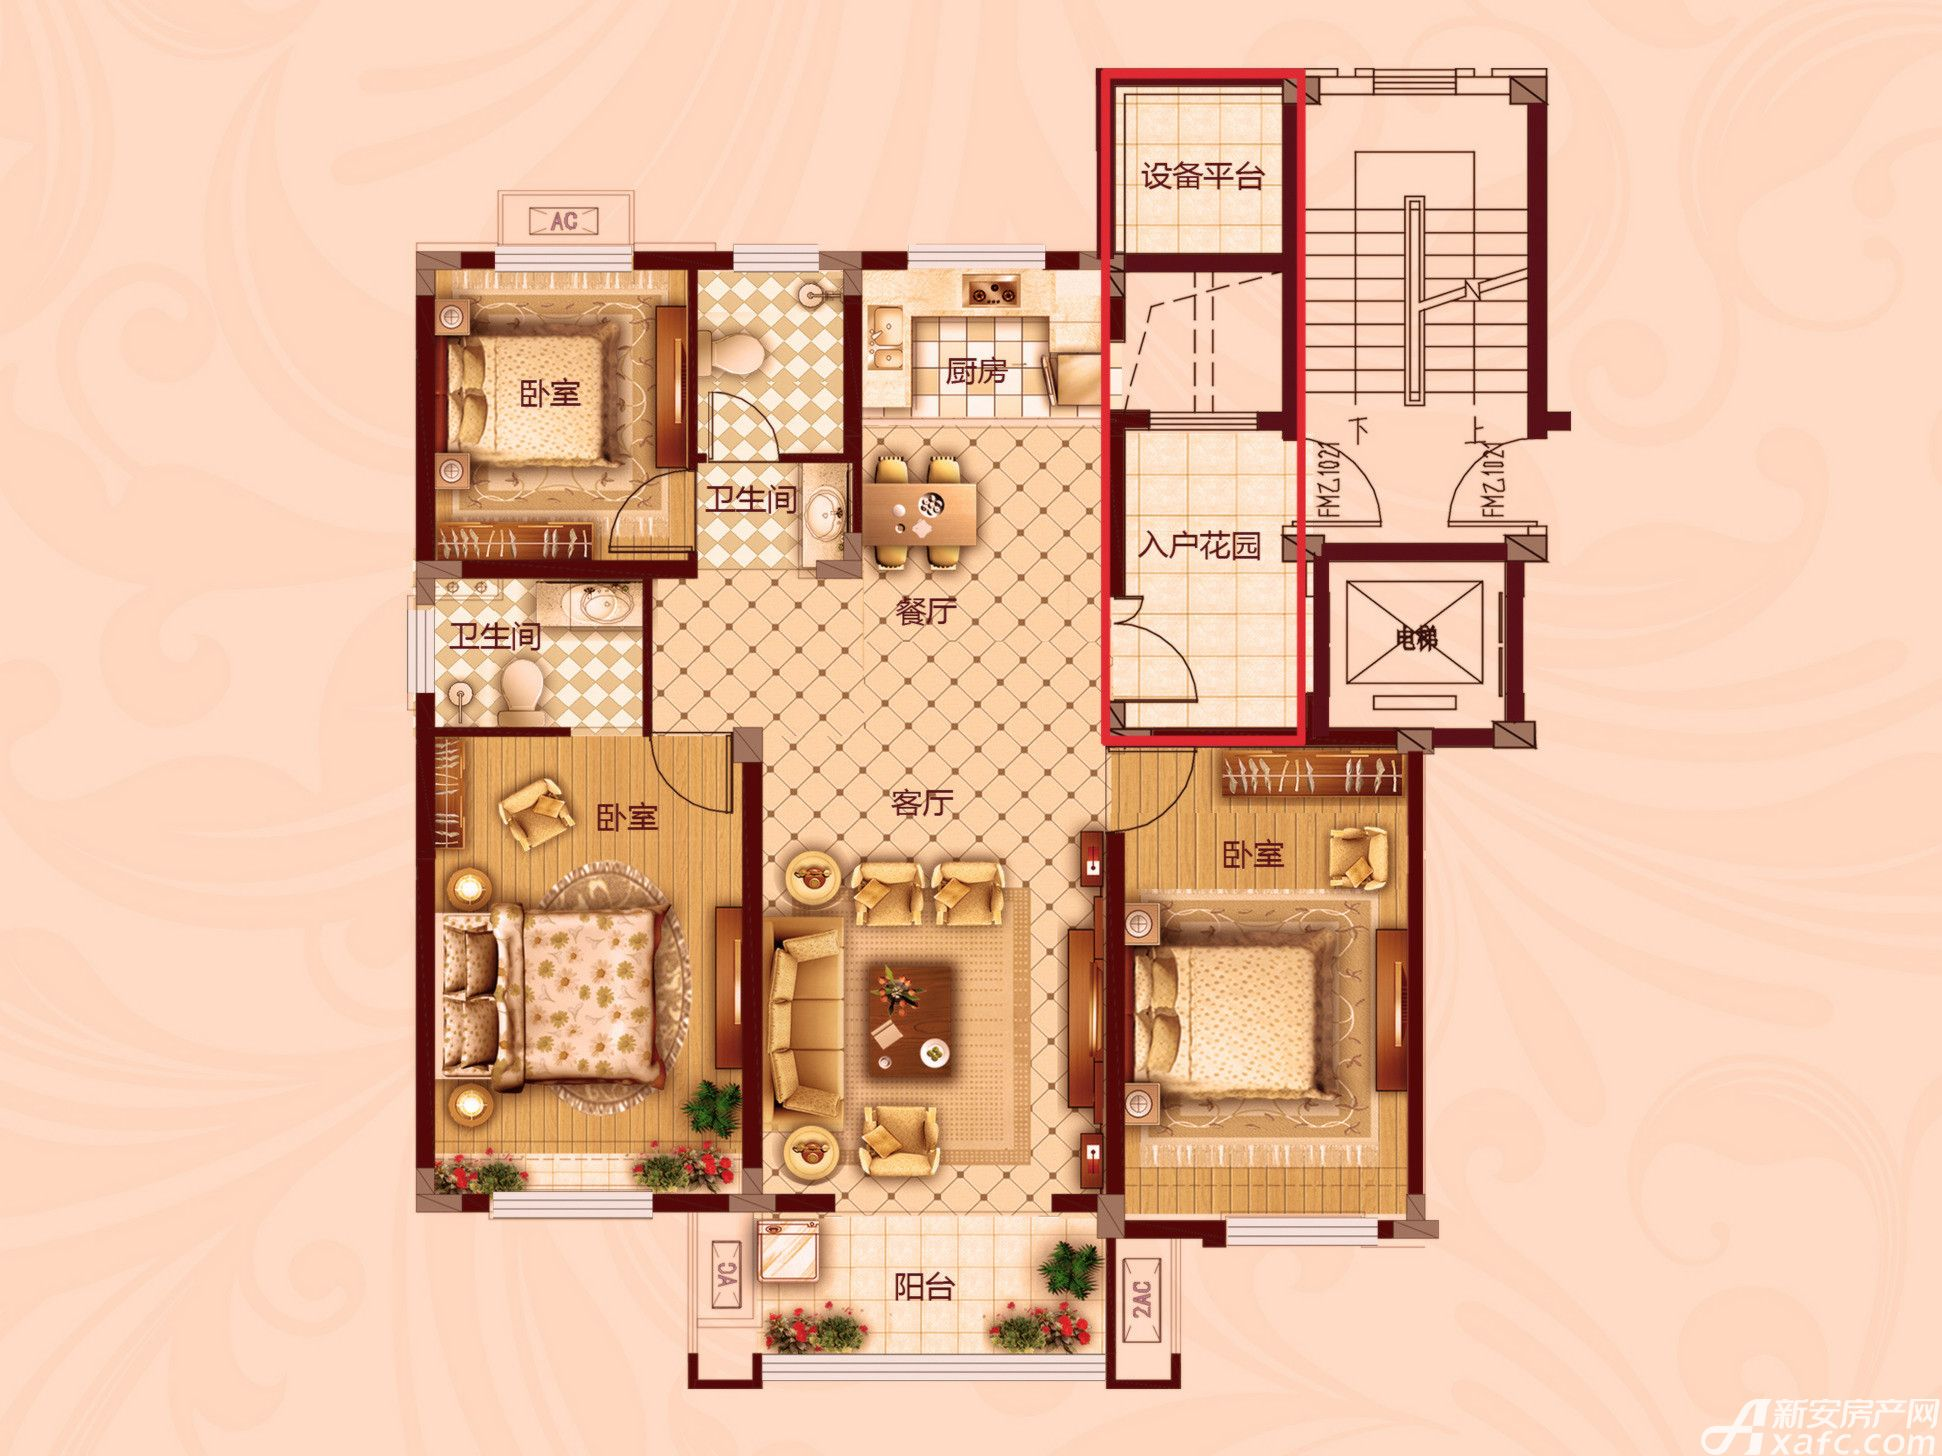 红星生活广场三室两厅两卫3室2厅120.29平米